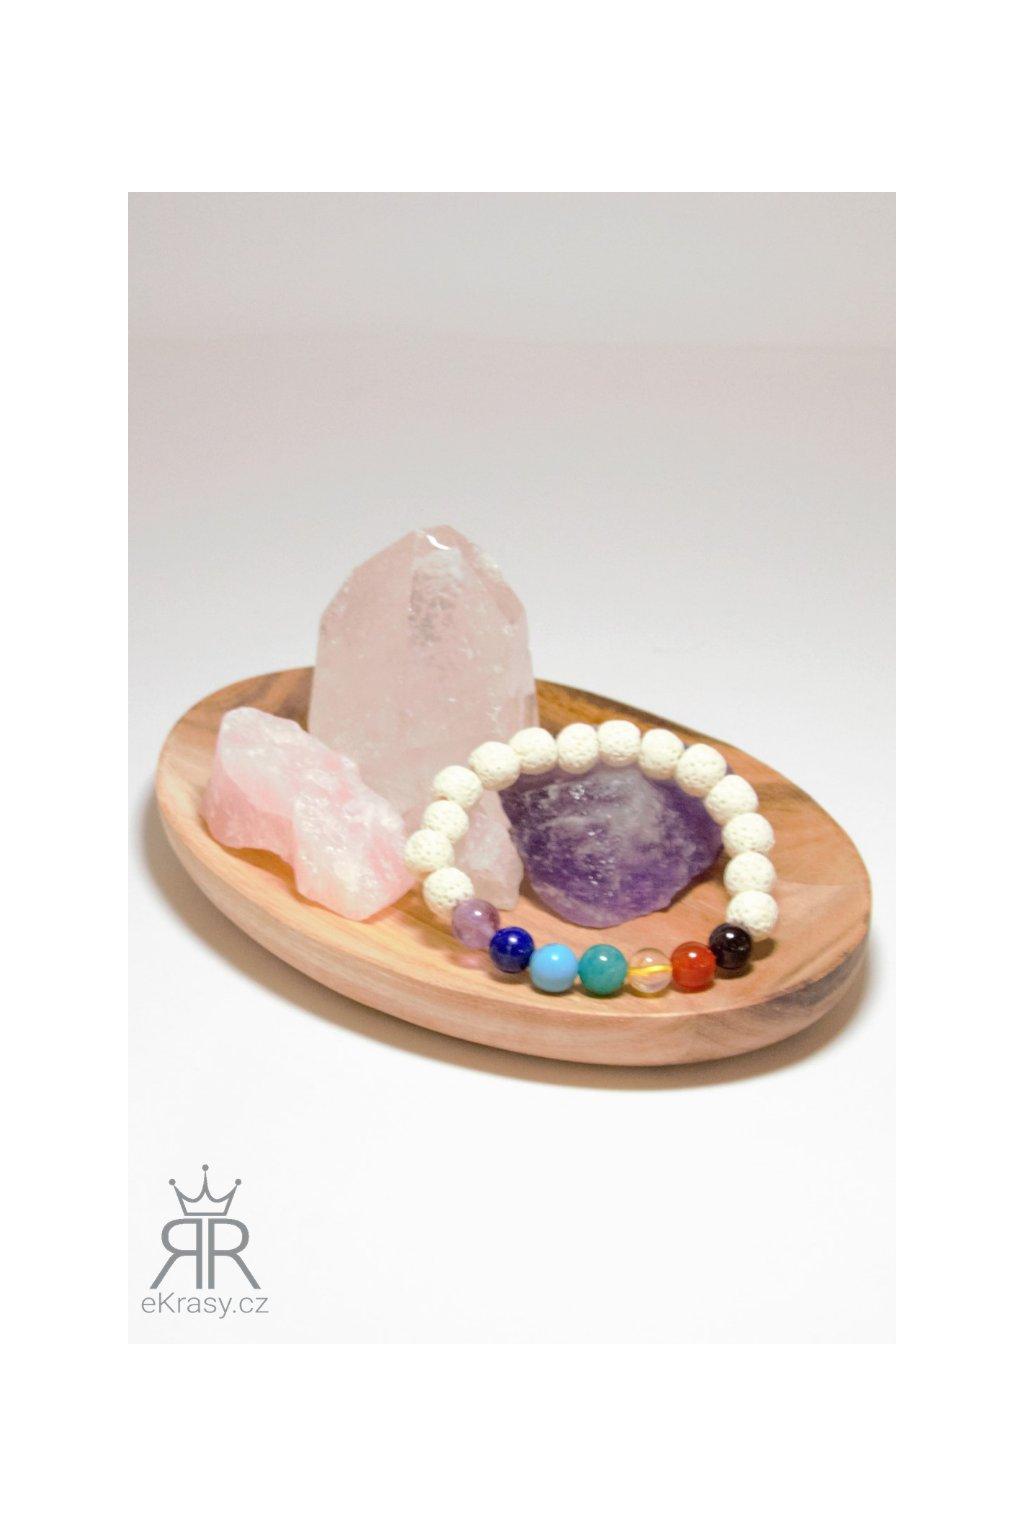 eKrasy náramek Čarky Satu s přírodními kameny - krásný náramek pro ženy i muže z přírodních materiálů